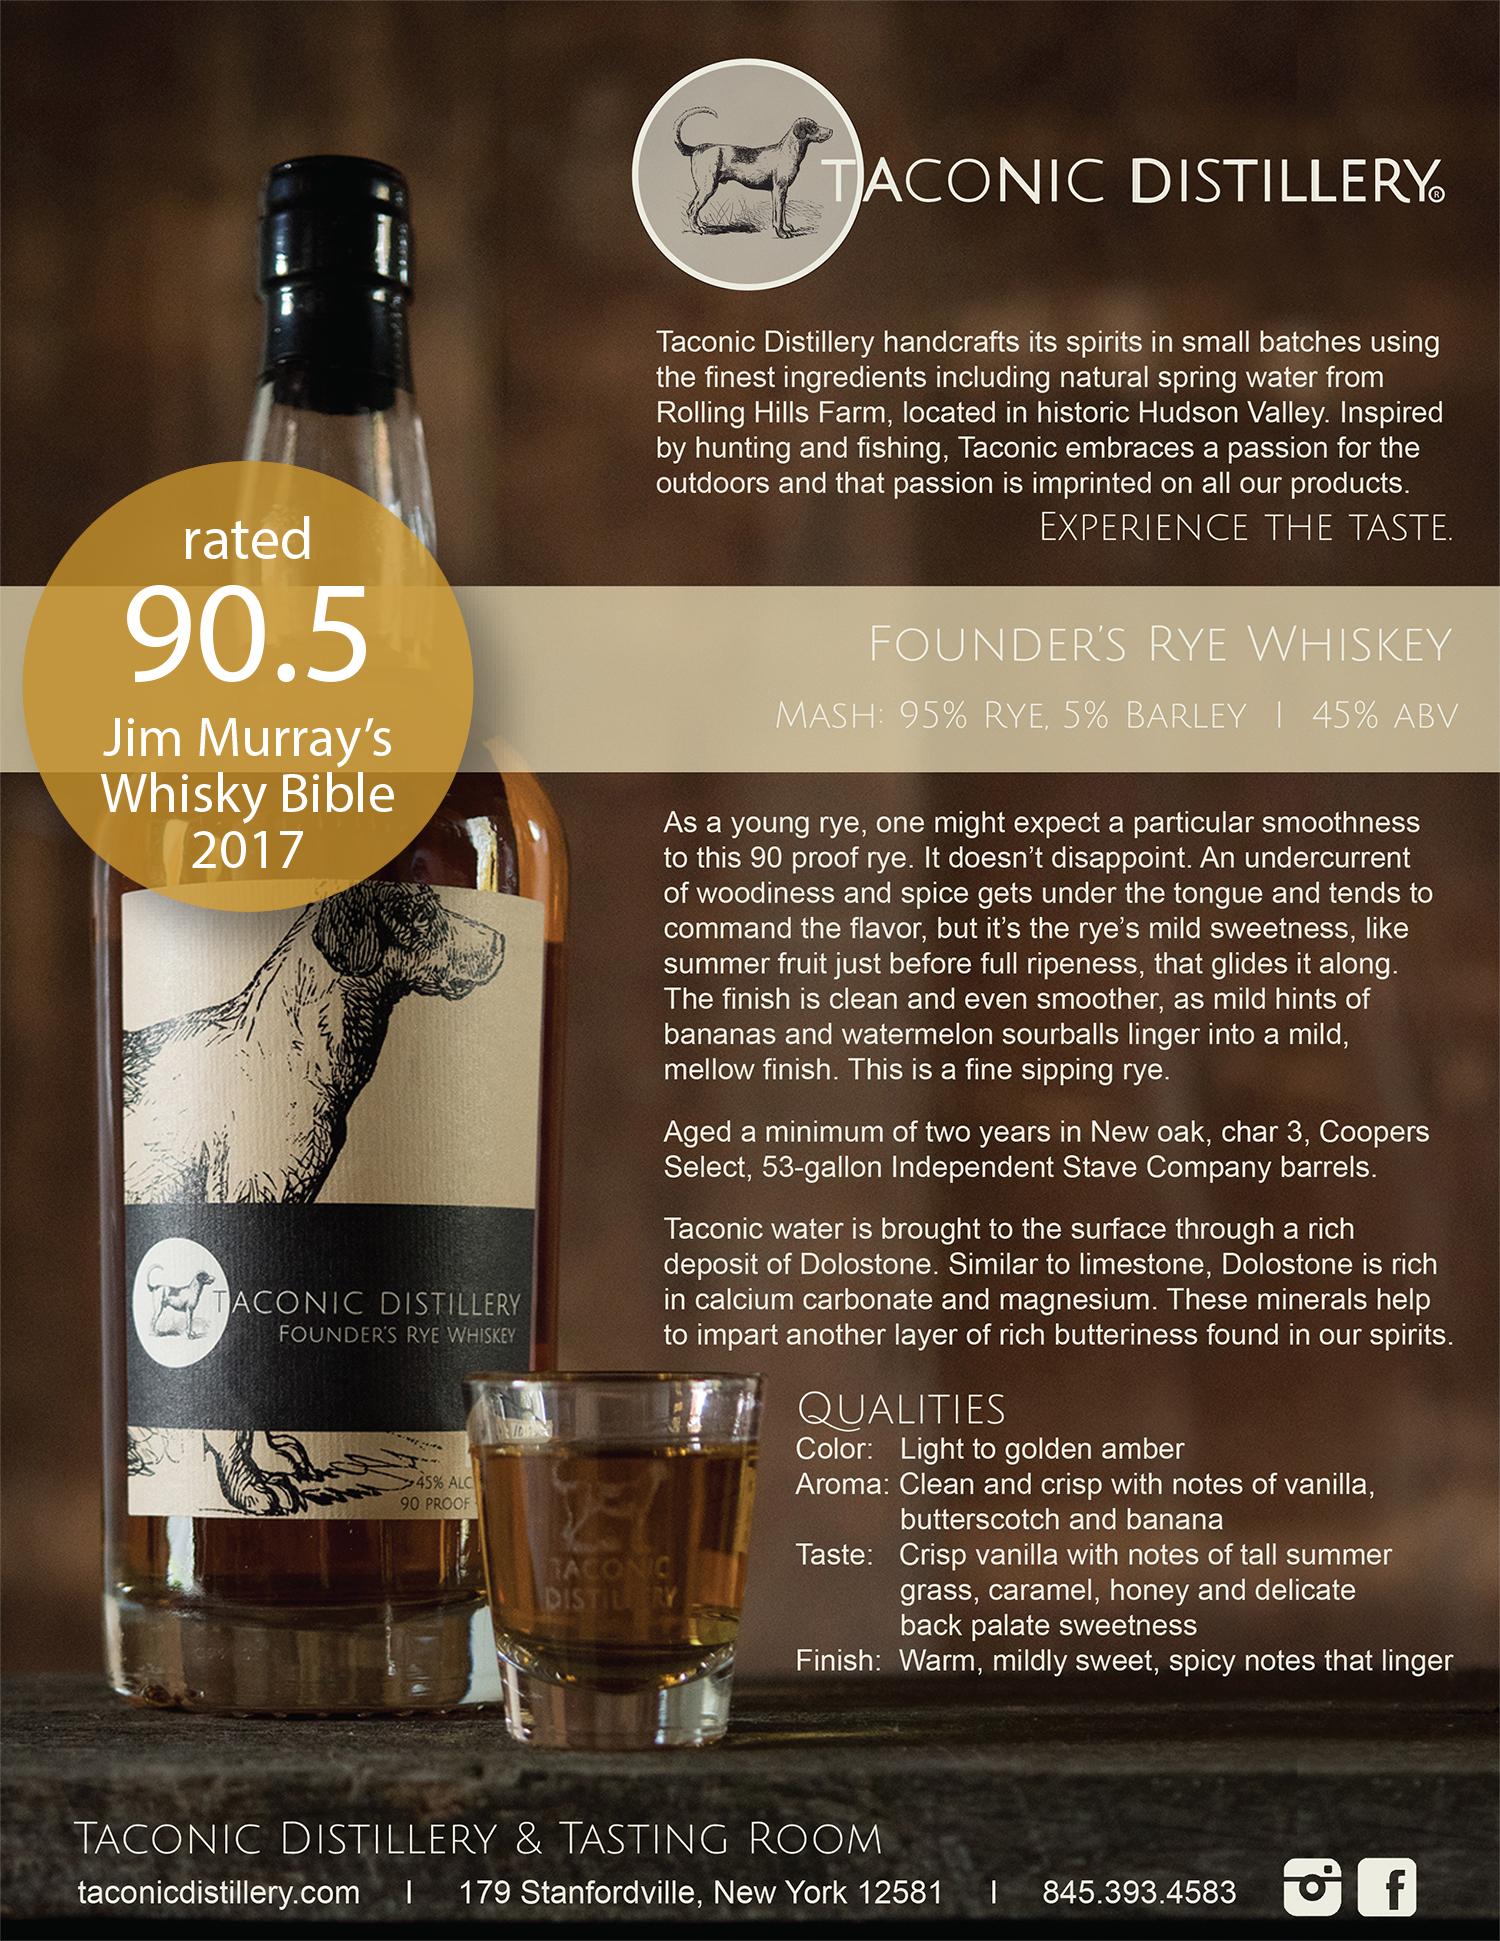 Founder's Rye Whiskey